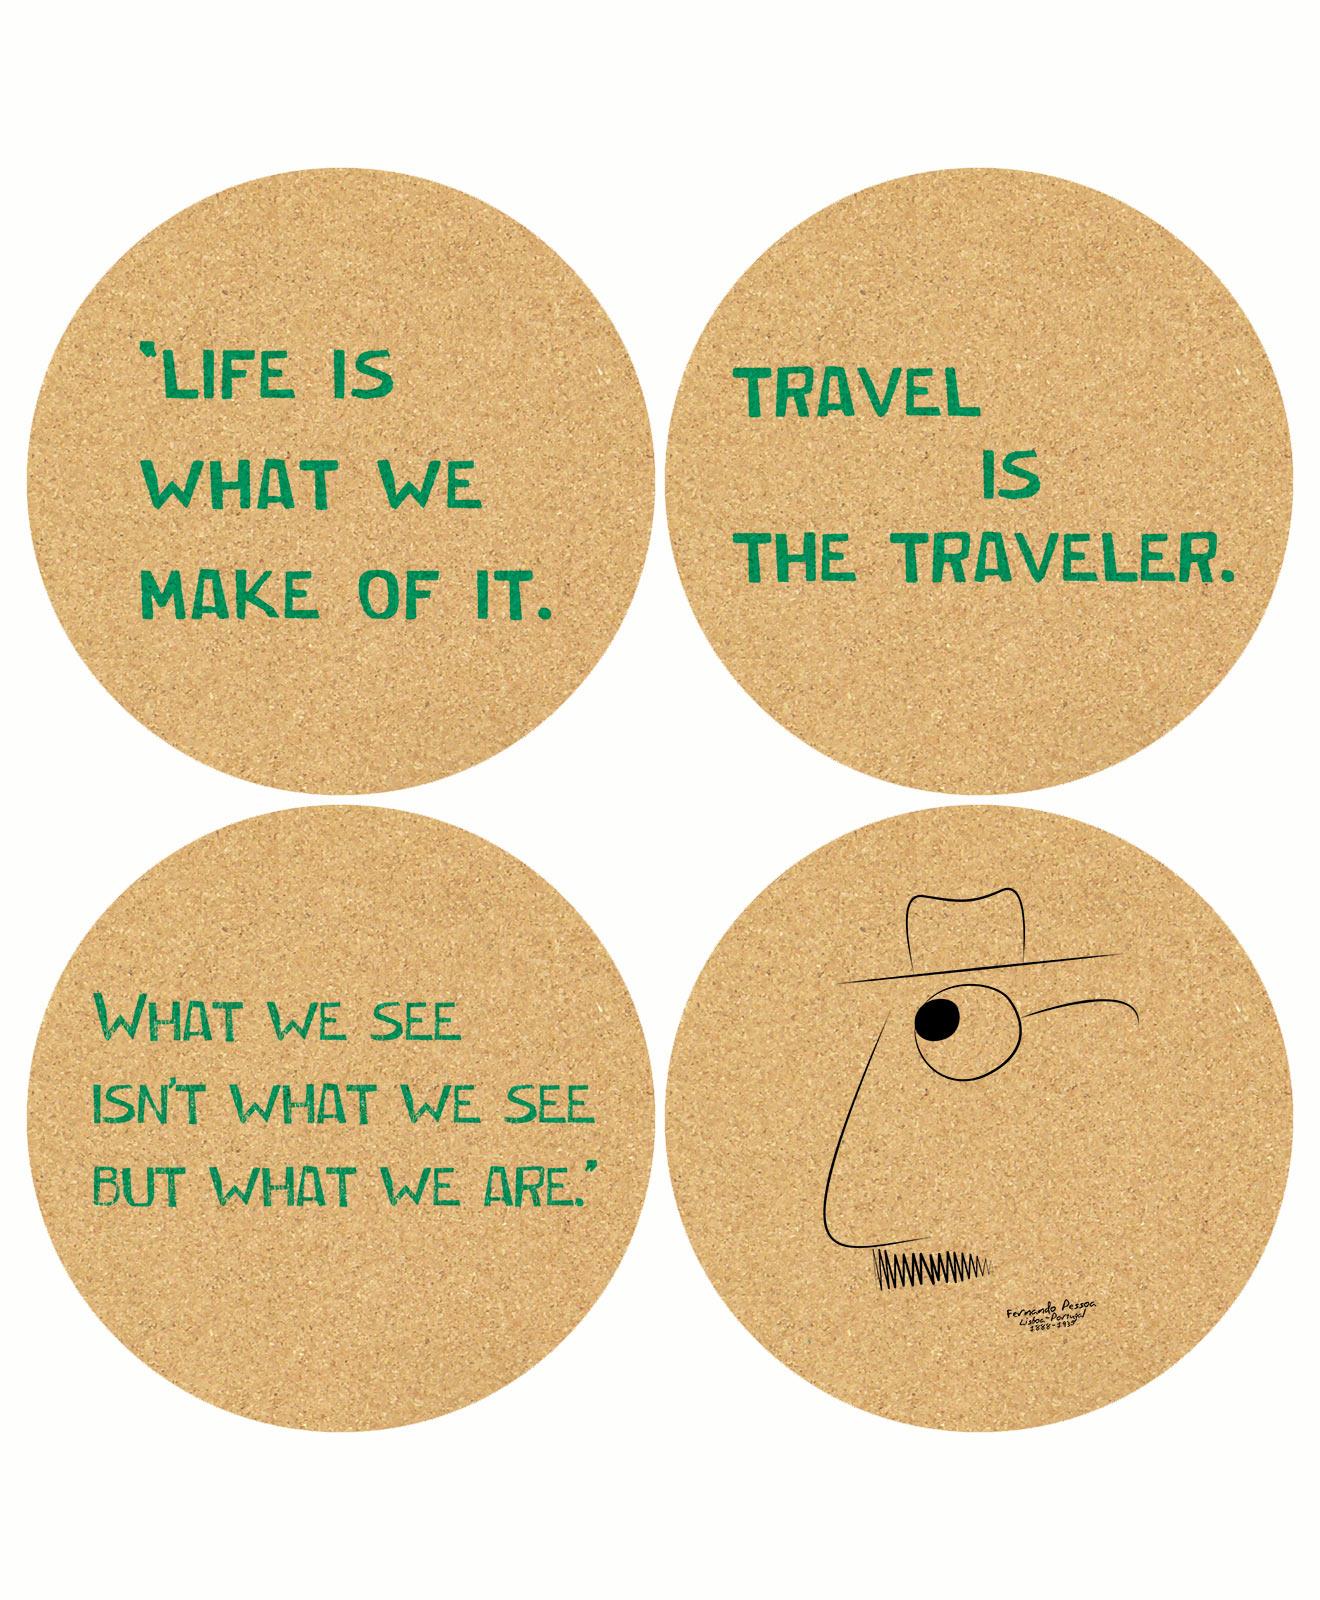 Pessoa's Life Cork Coasters